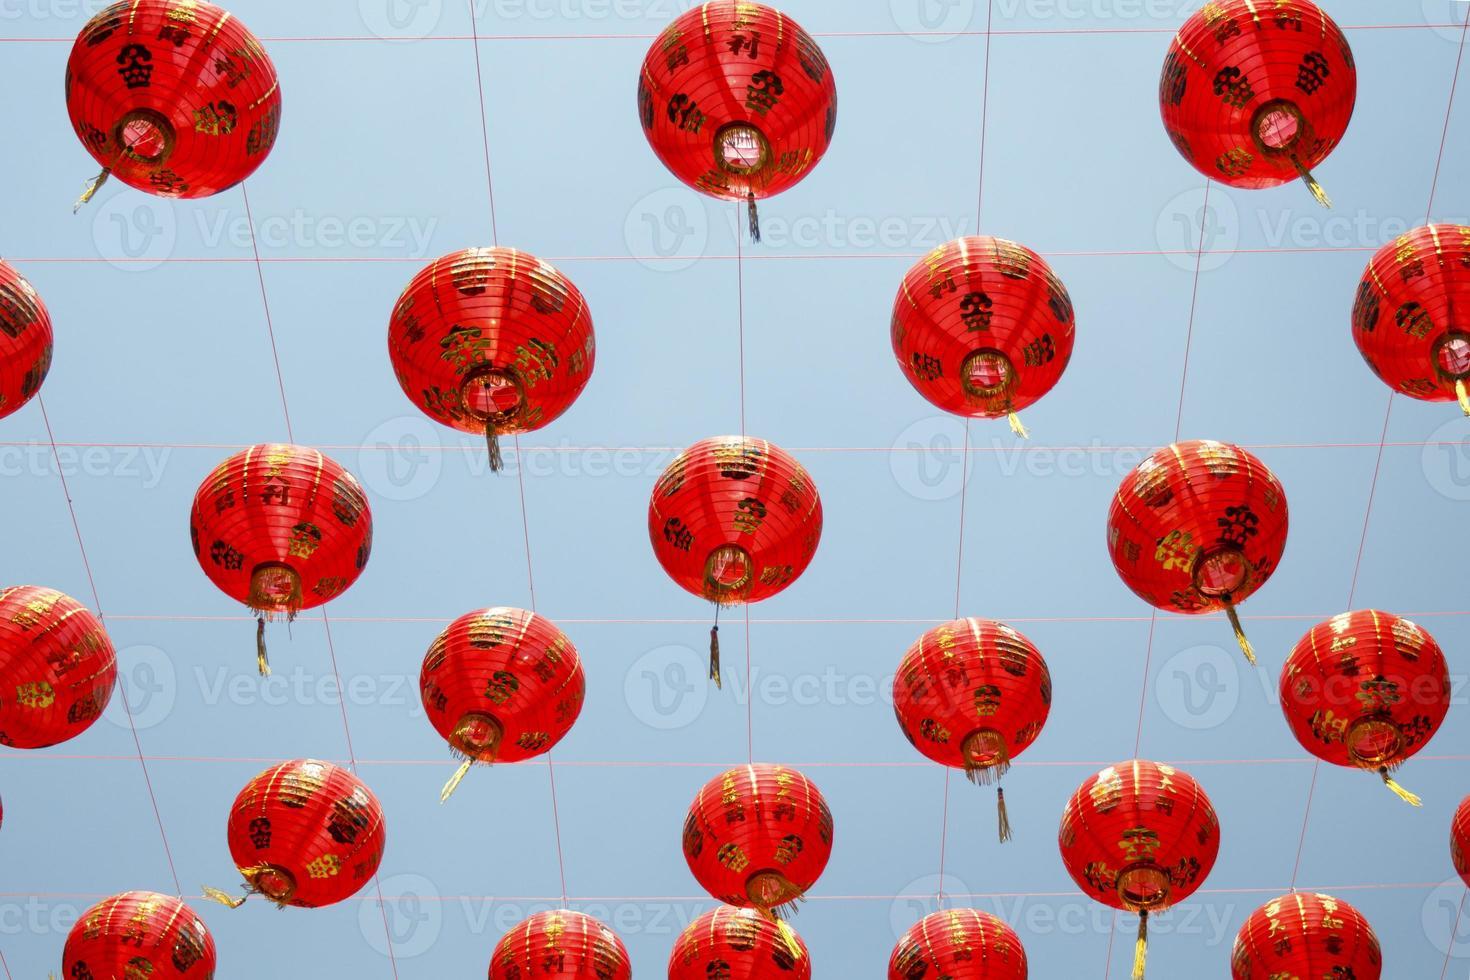 linternas chinas en día de año nuevo. foto